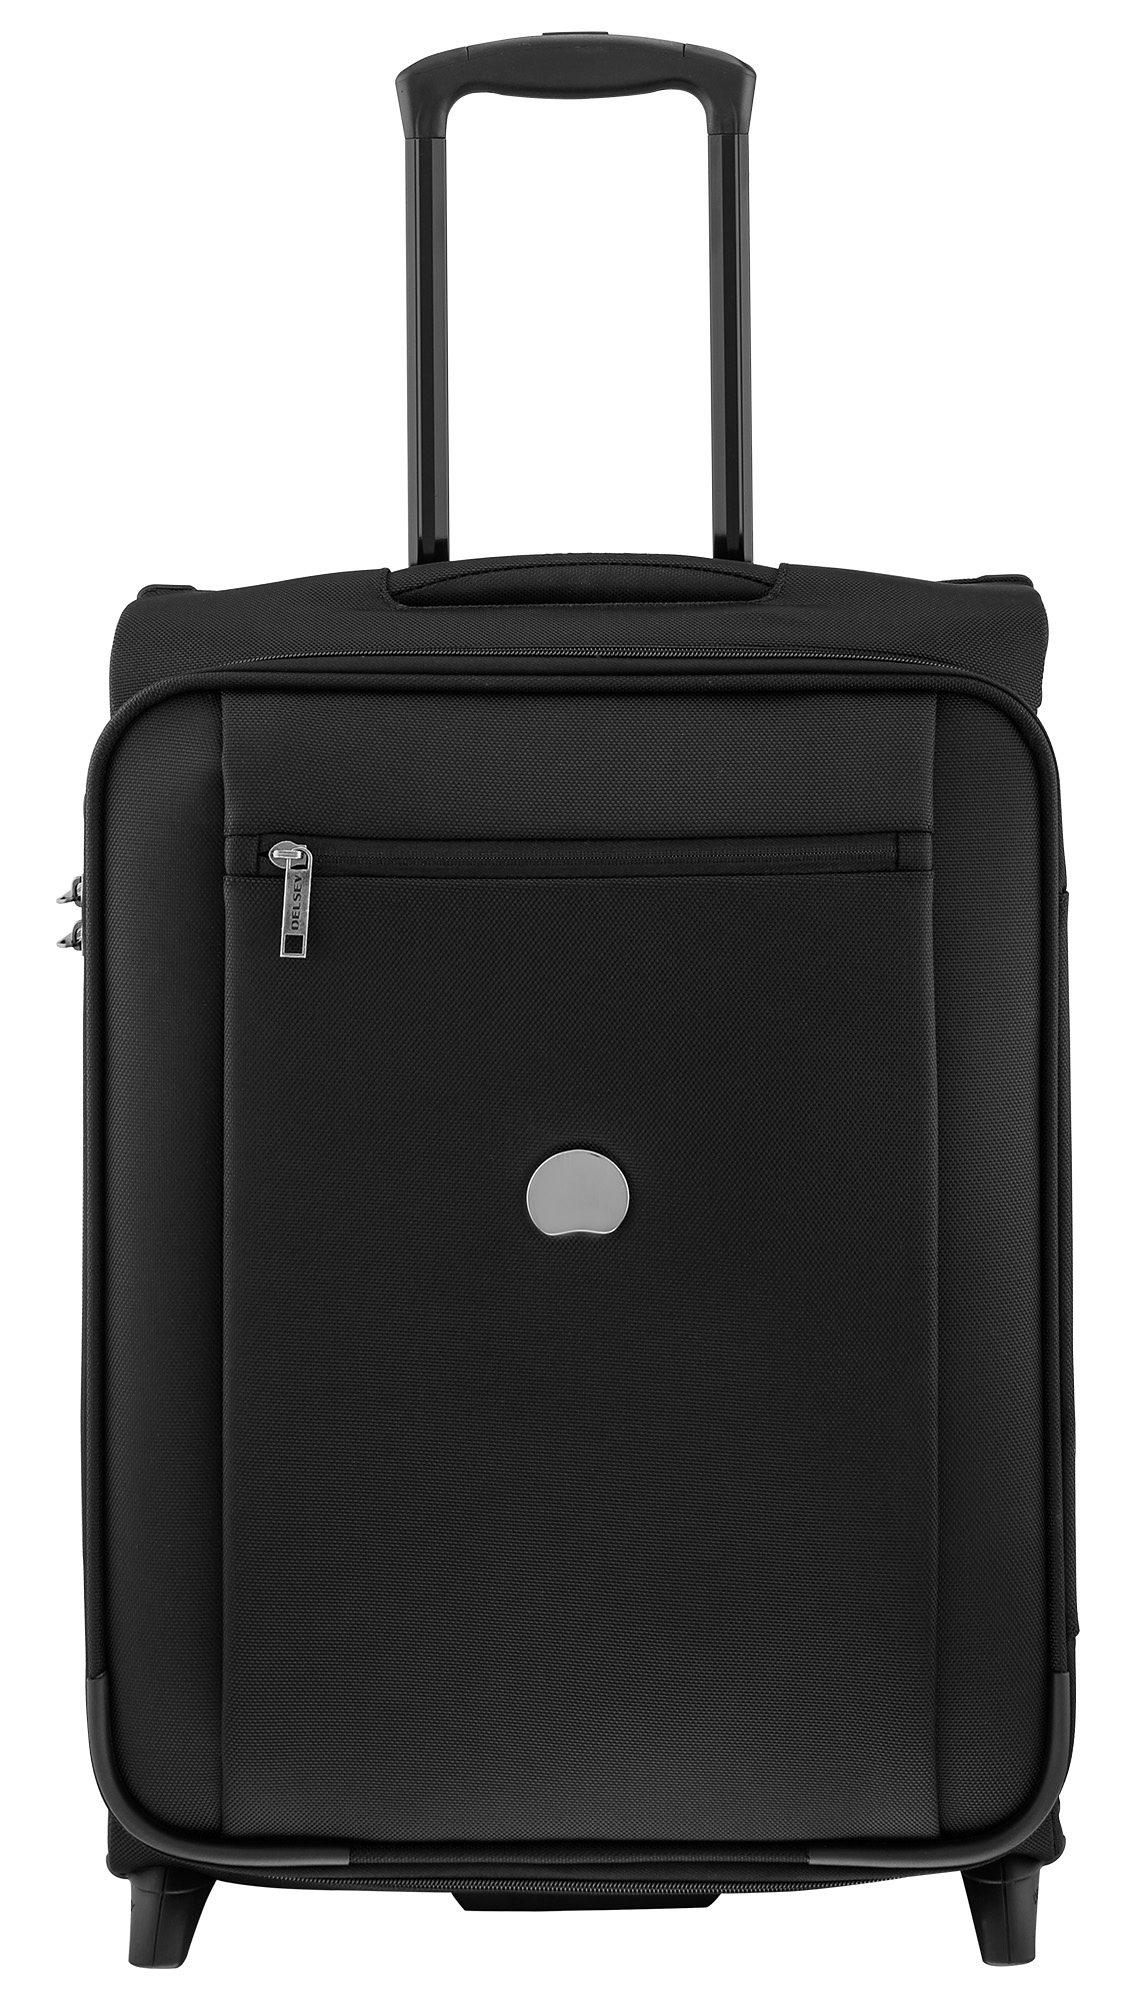 DELSEY Weichgepäck Trolley mit 17-Zoll Laptopfach und 2 Rollen, »Montmartre Pro«